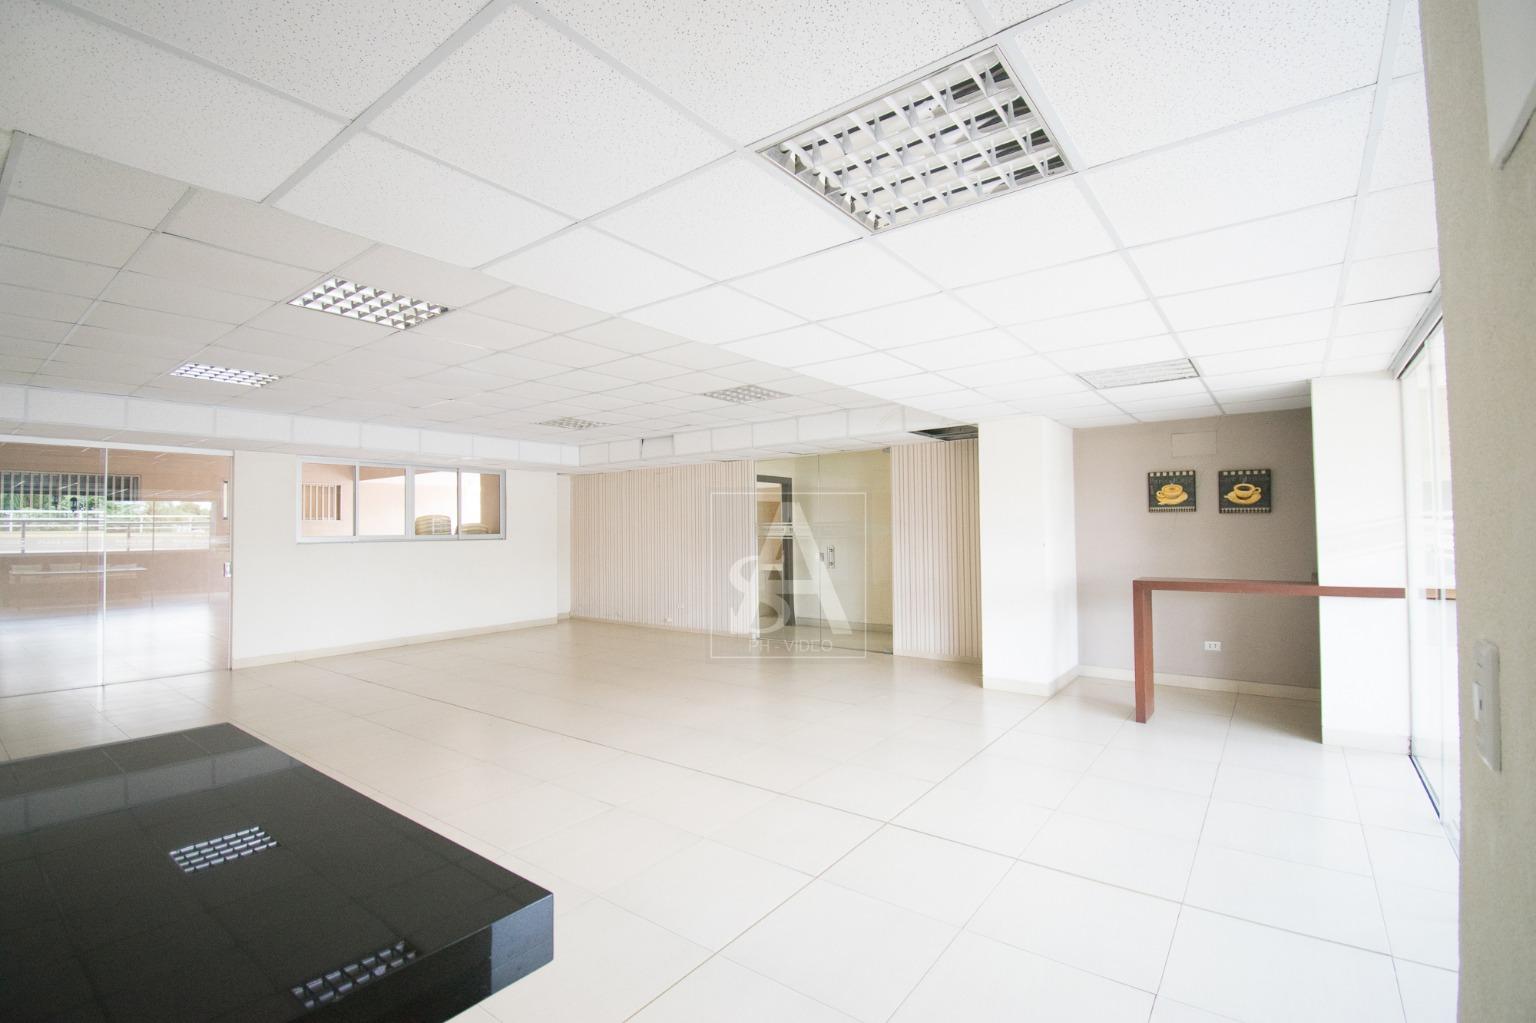 Departamento en Venta DEPARTAMENTO EN VENTA - CONDOMINIO PLAZA GUAPAY - 166.60 m². - AV. GUAPAY Foto 18